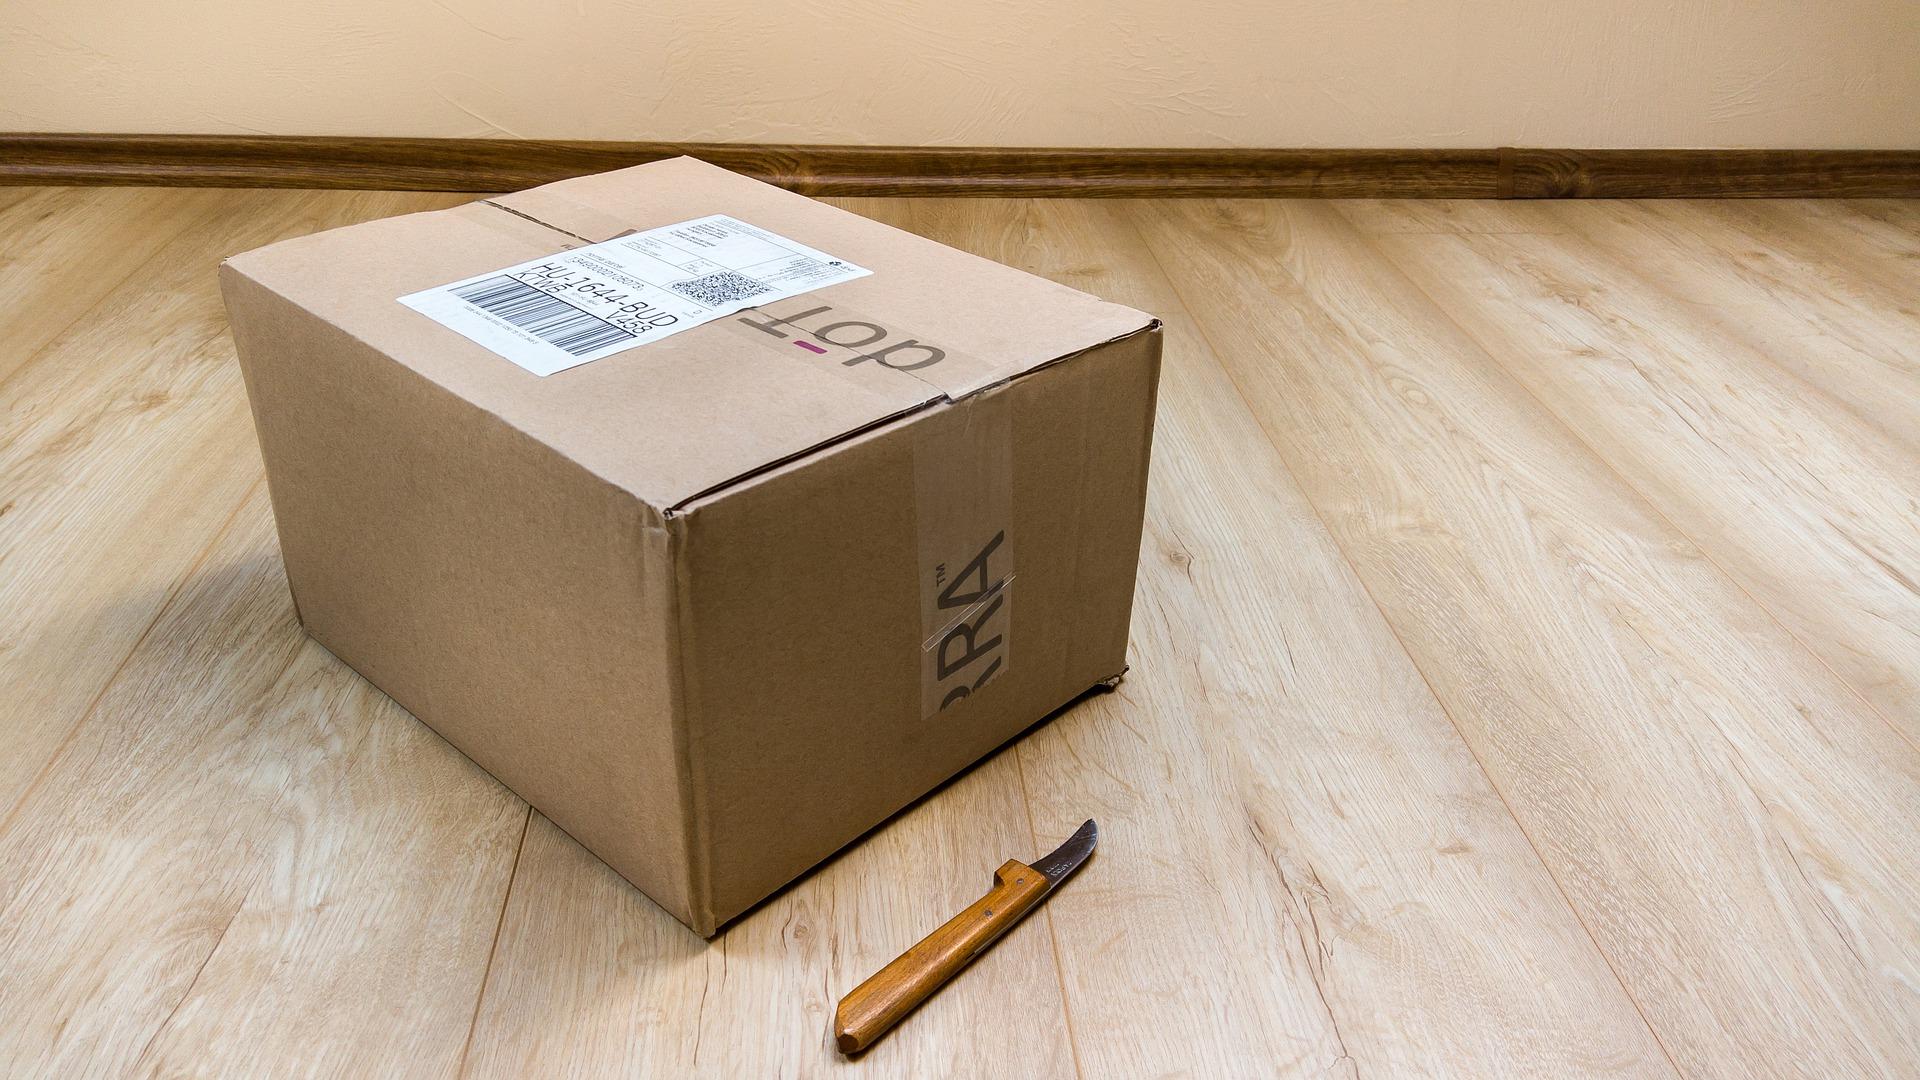 wysyłka paczki do Niemiec